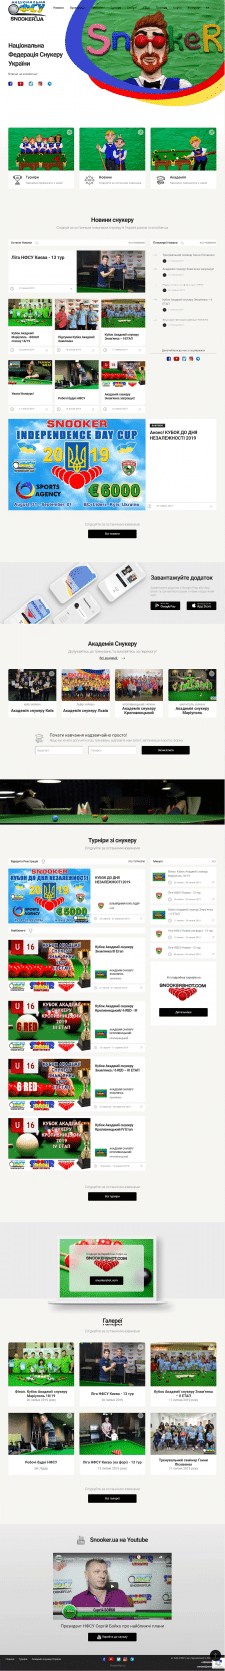 Разработка корпоративного сайта для Snooker.ua